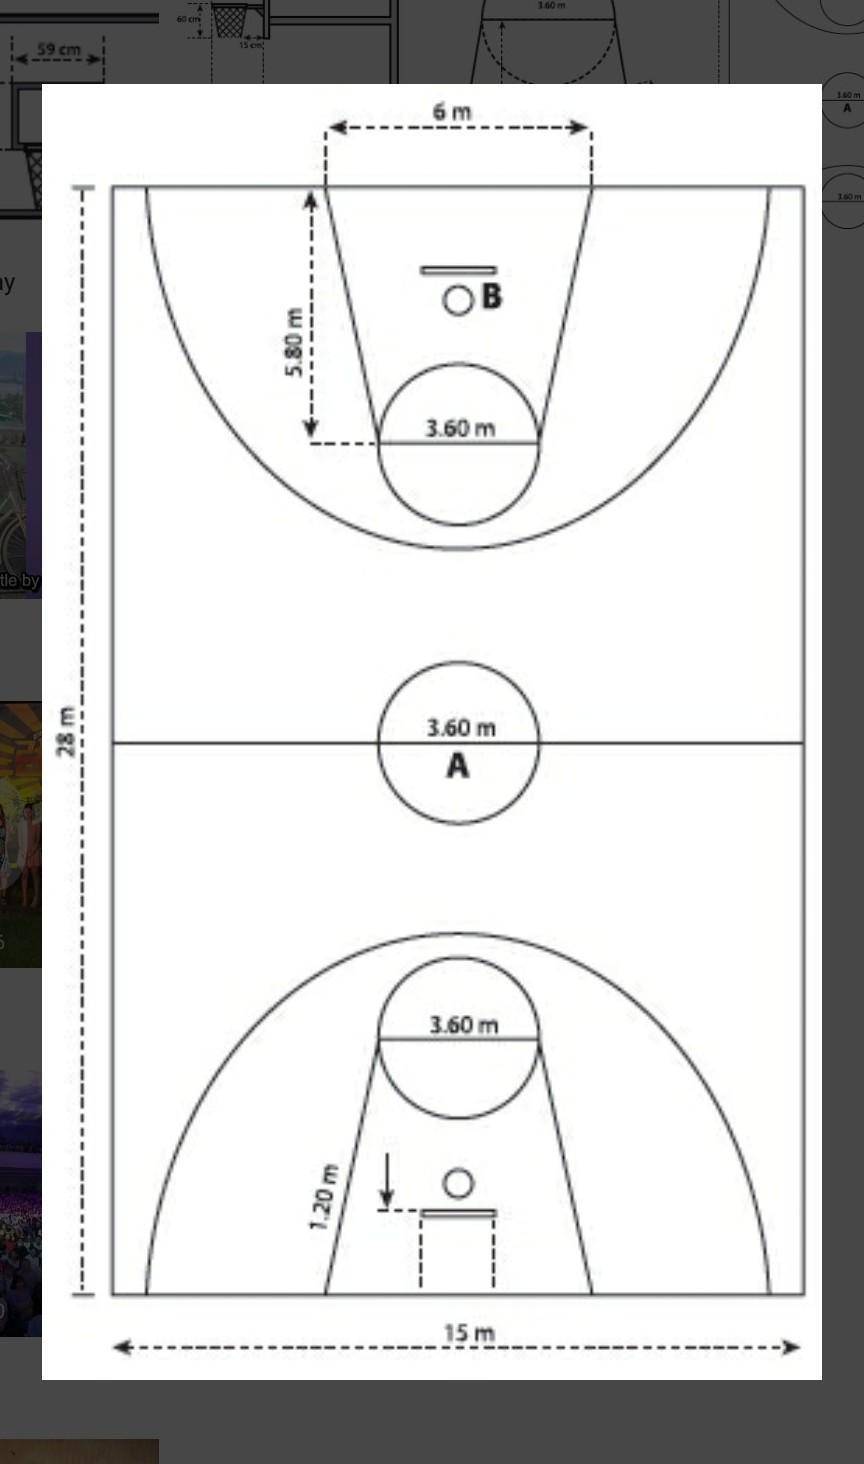 Pengertian Permainan Bola Basket Serta Bentuk Lapangan Ukuran Net Jumlah Pemain Tinggi Keranja Brainly Co Id